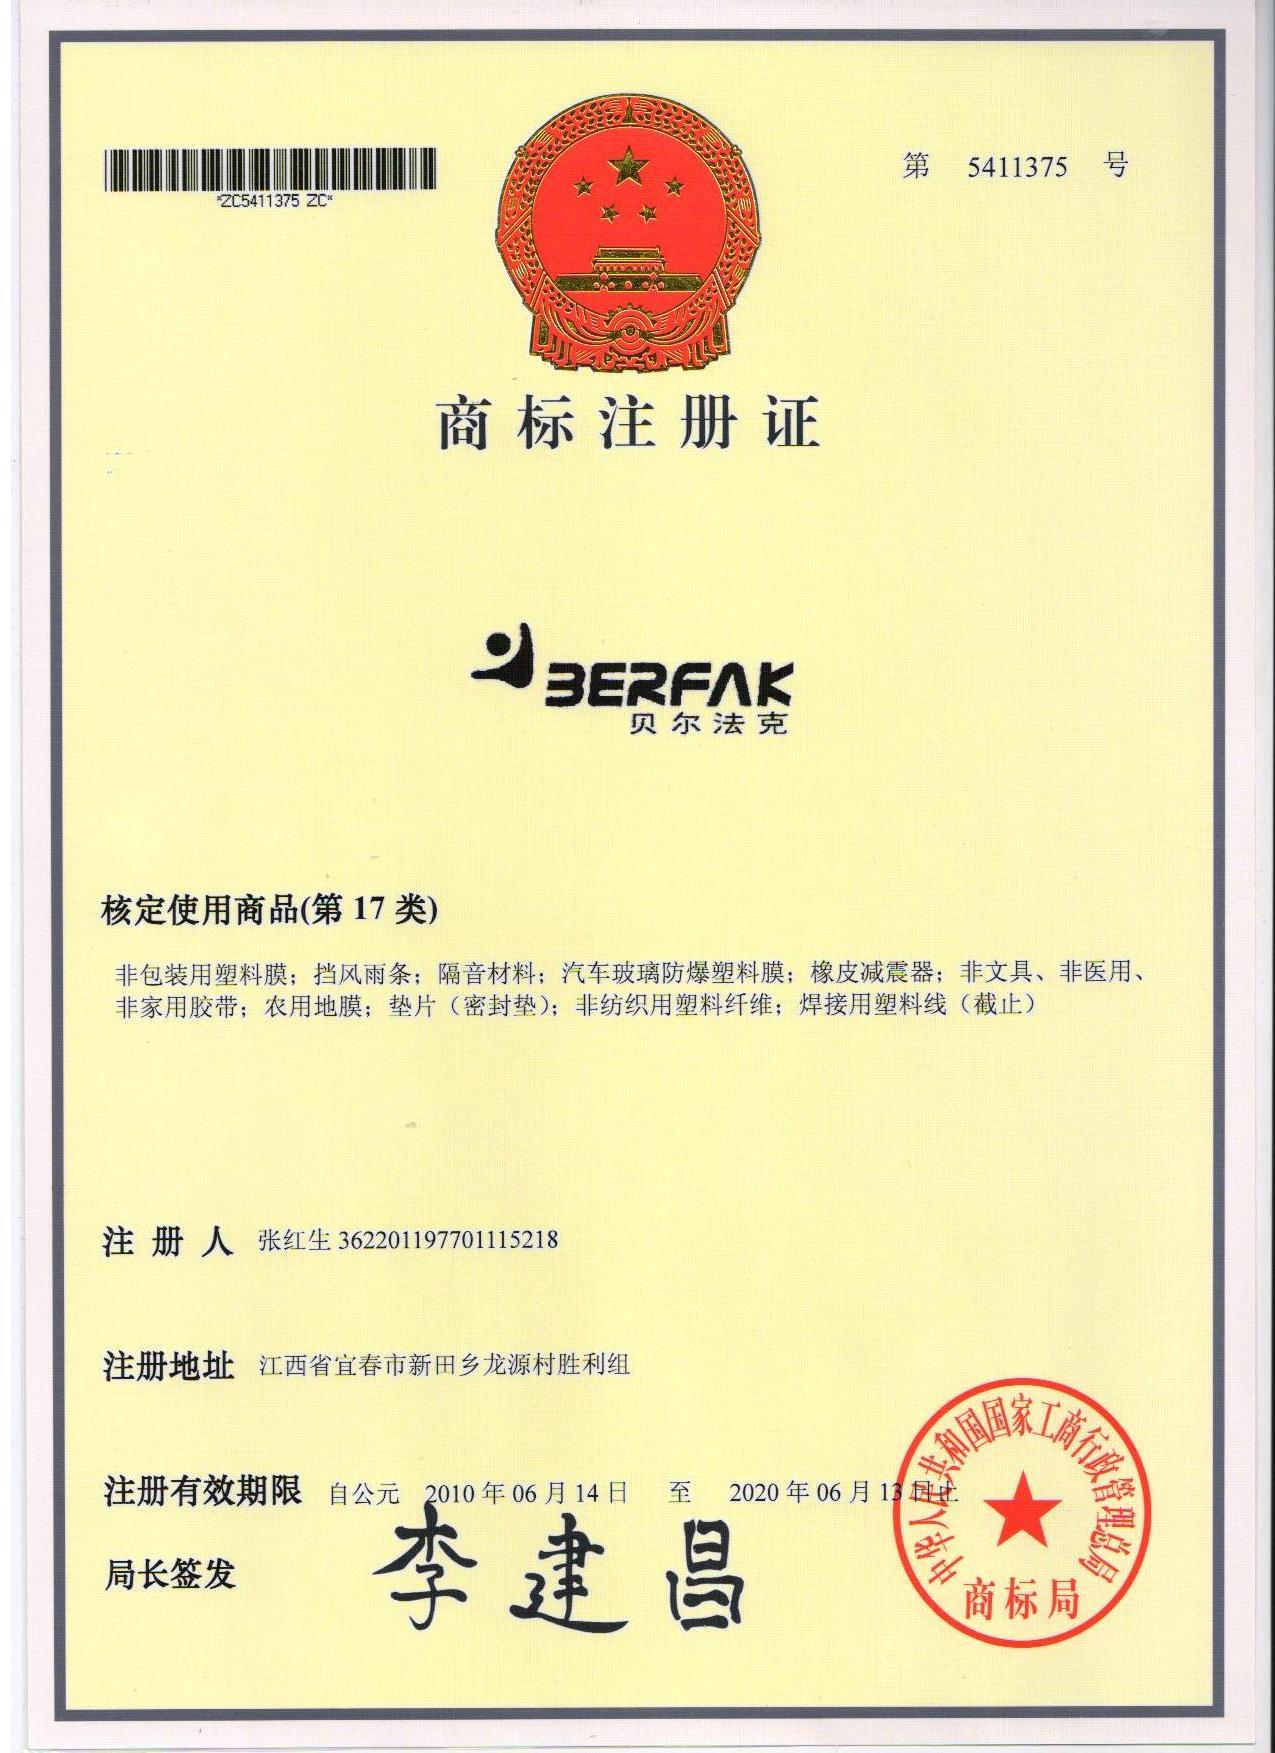 贝尔法克商标注册表.jpg